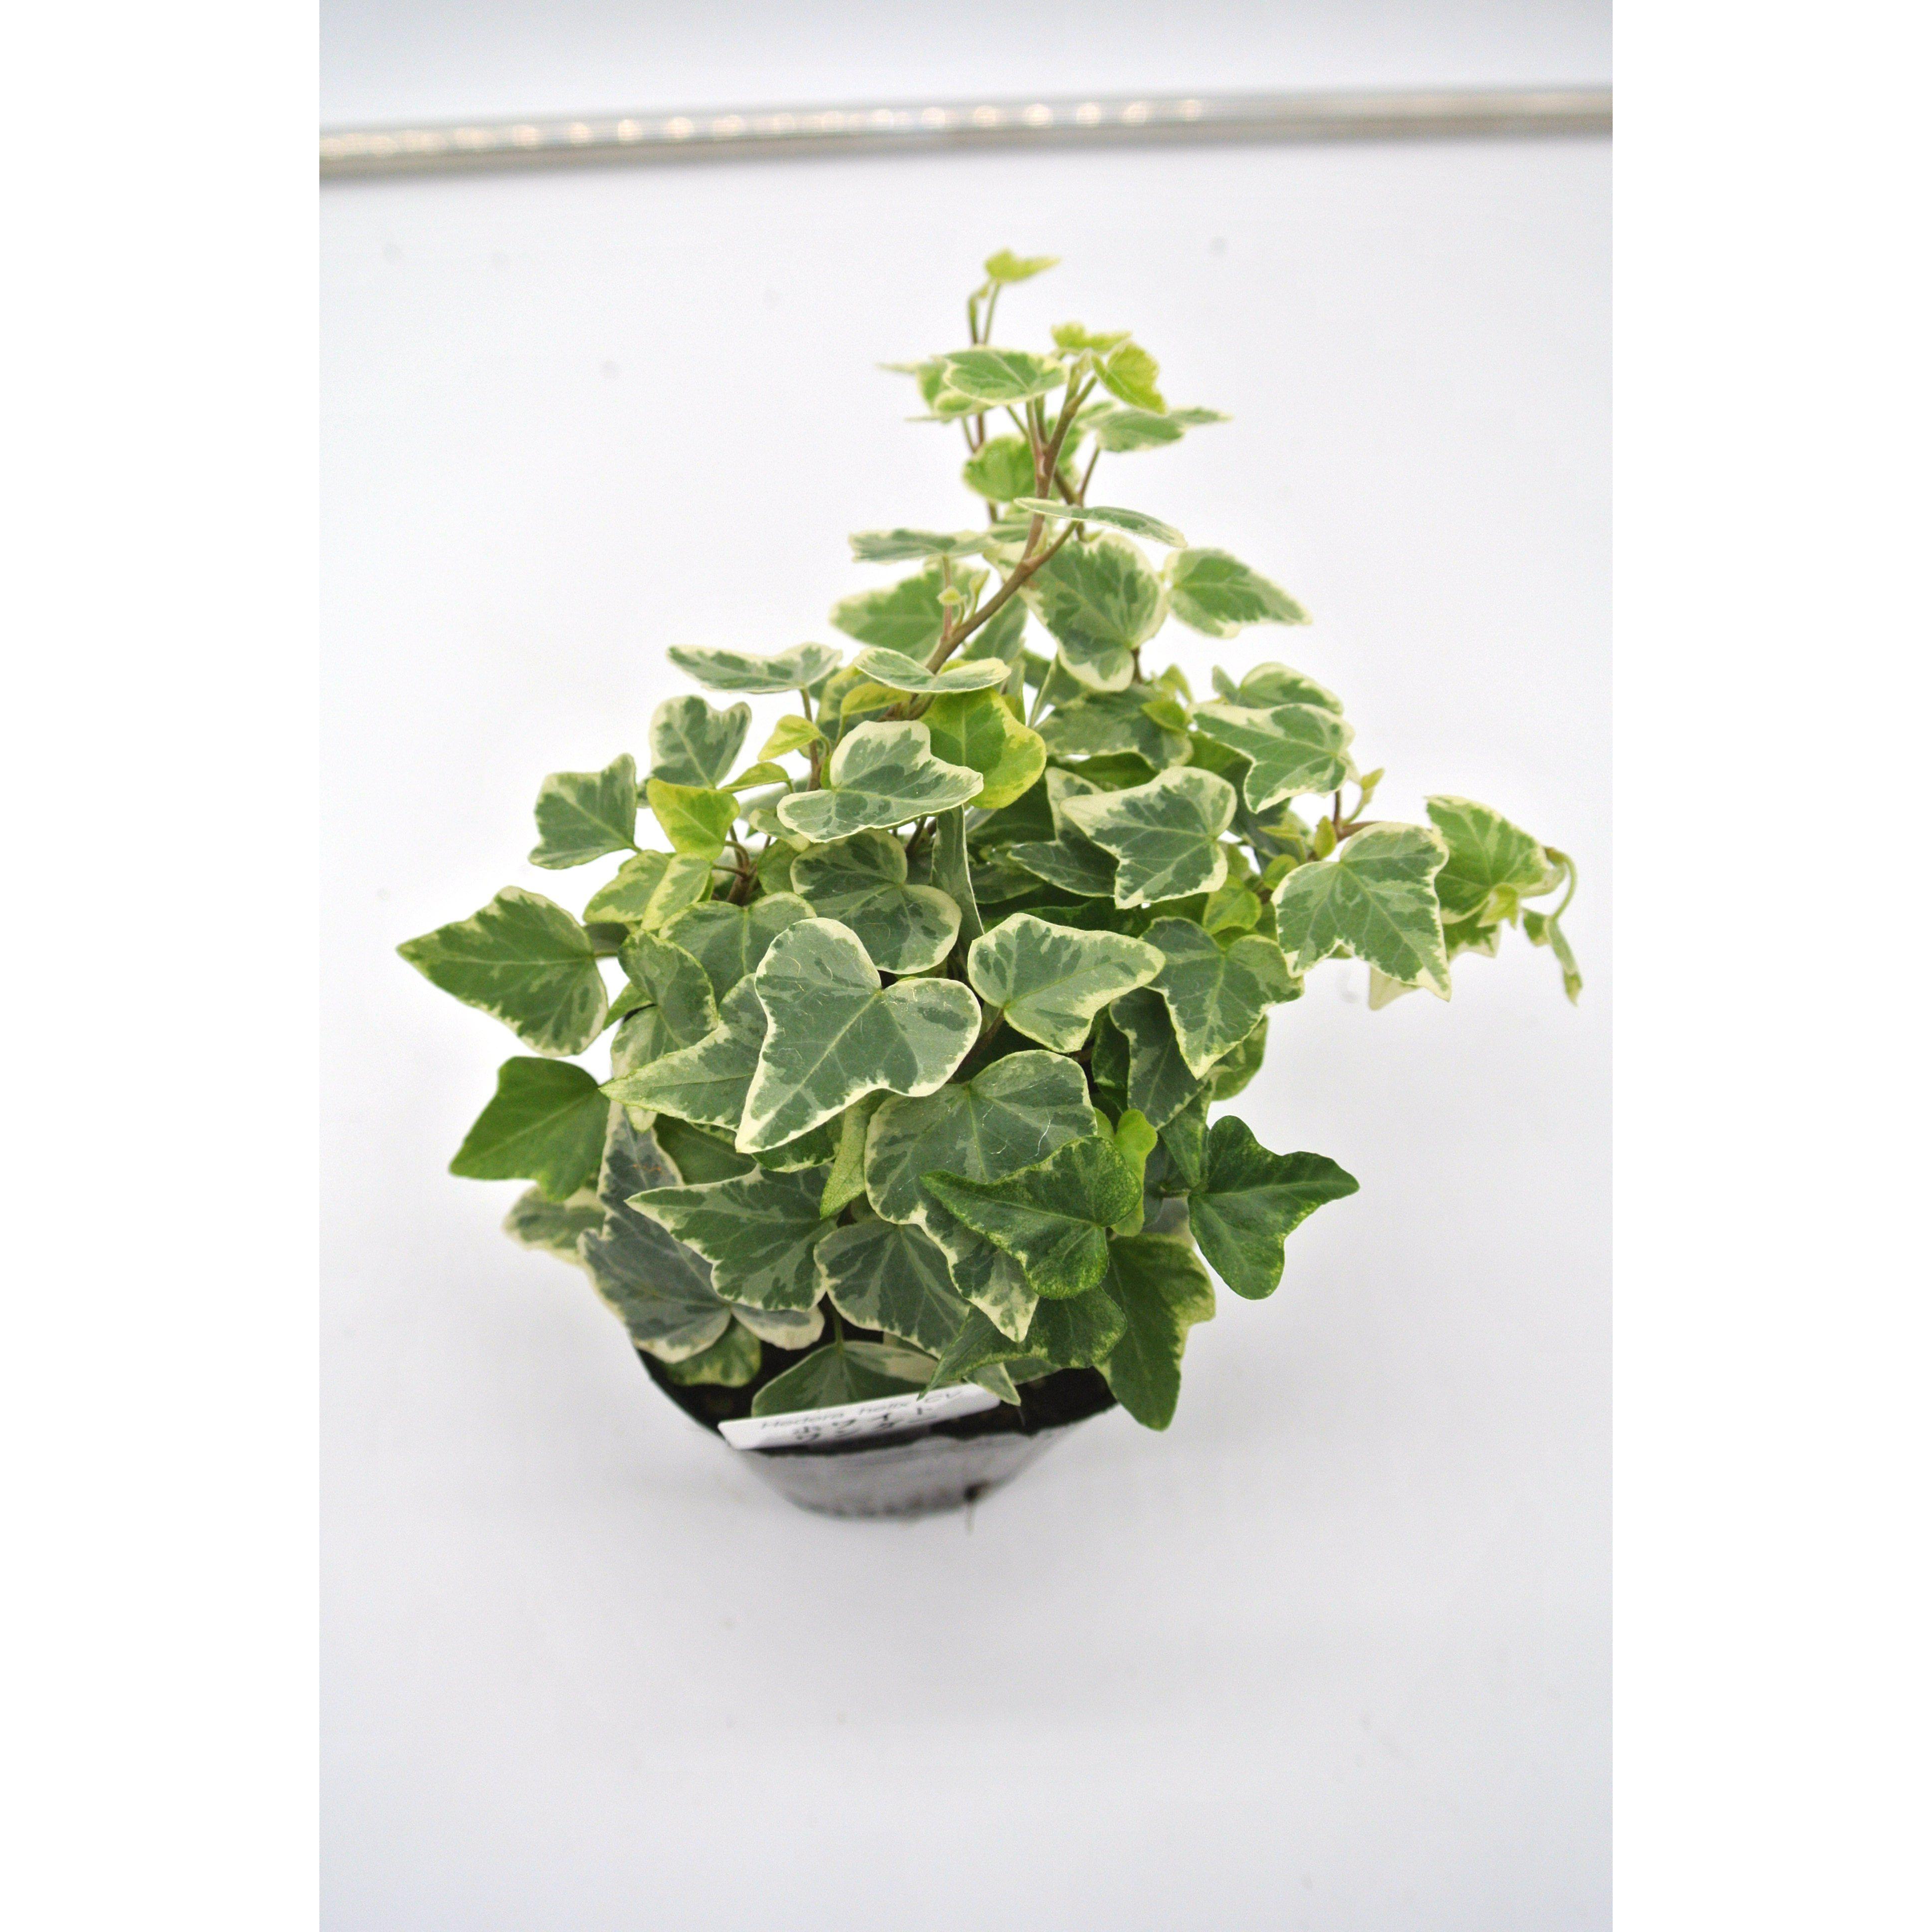 観葉植物 ヘデラ へリックス ホワイトワンダー 3号育成ポット 4ポット - 4